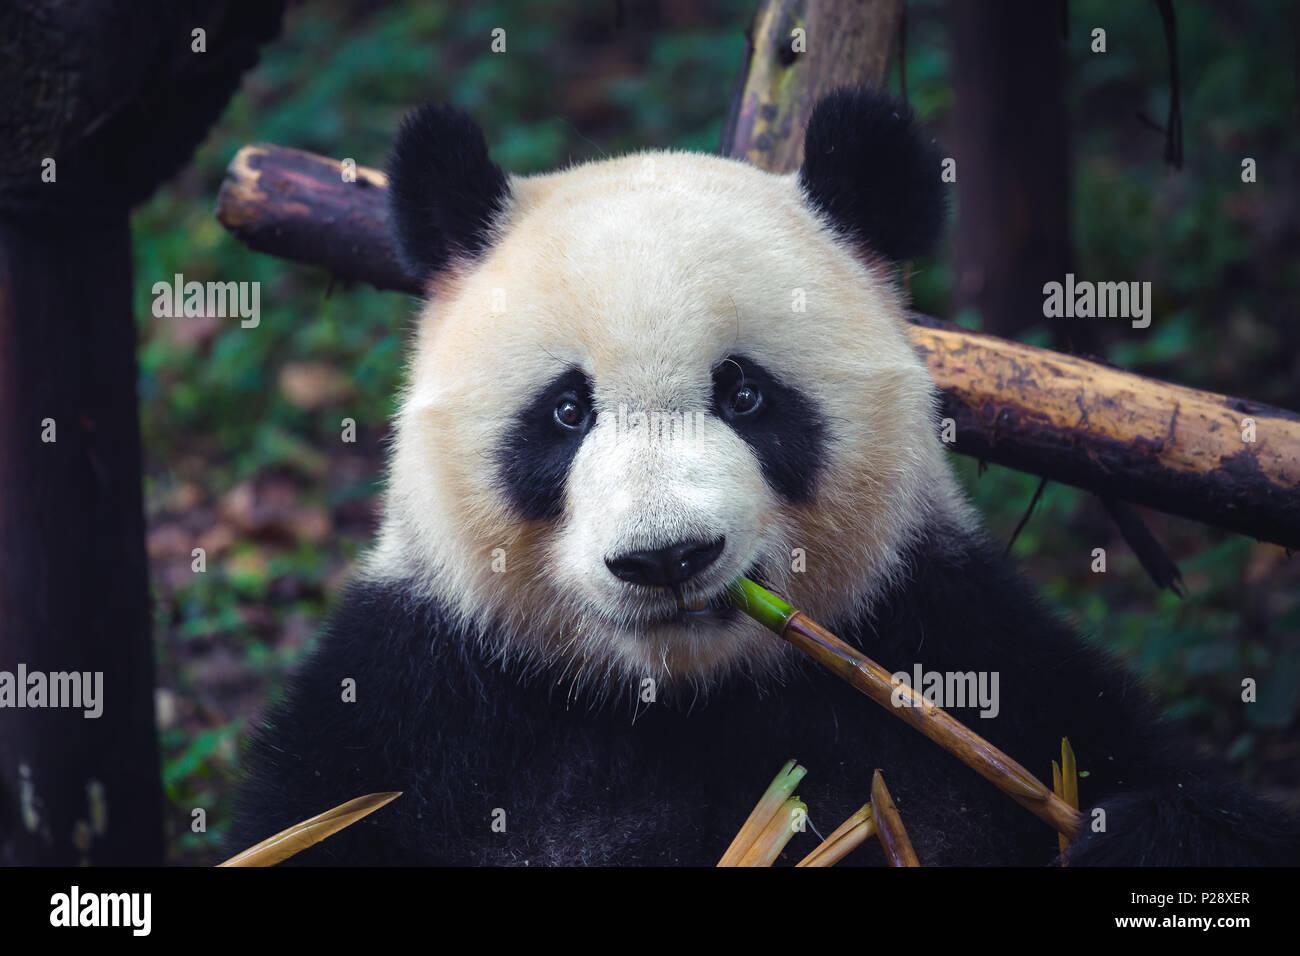 Un adulte grand panda mangeant un bâton de bambou en portrait au cours de jour Photo Stock